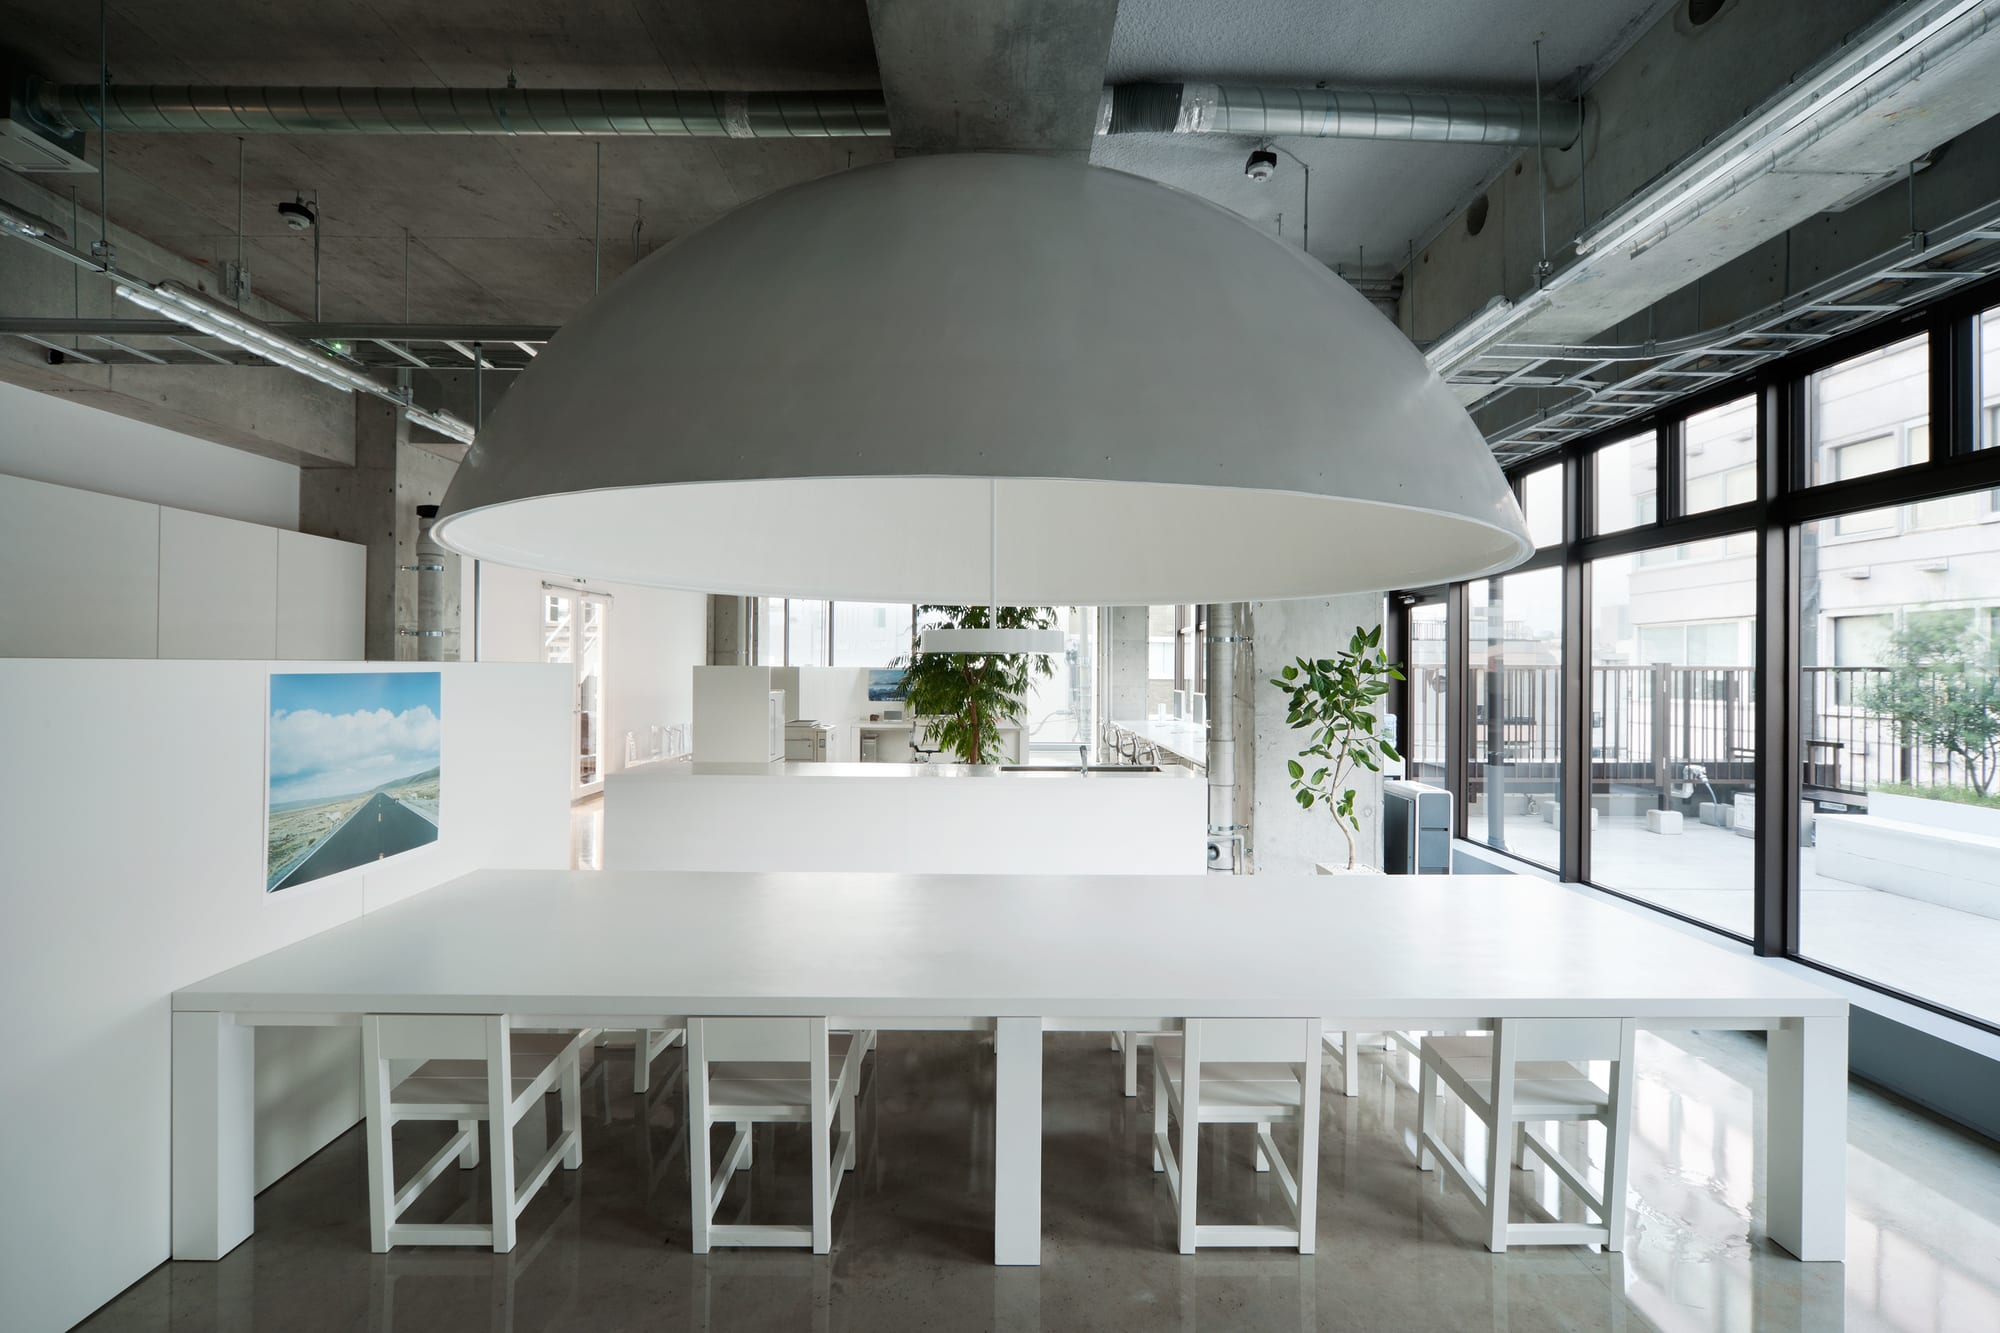 gestaltungsidee büroräume in weiß-weißer arbeitstisch mit weißen stuhlen-raumteiler aus weißen wänden-deckenlampe halbkugel